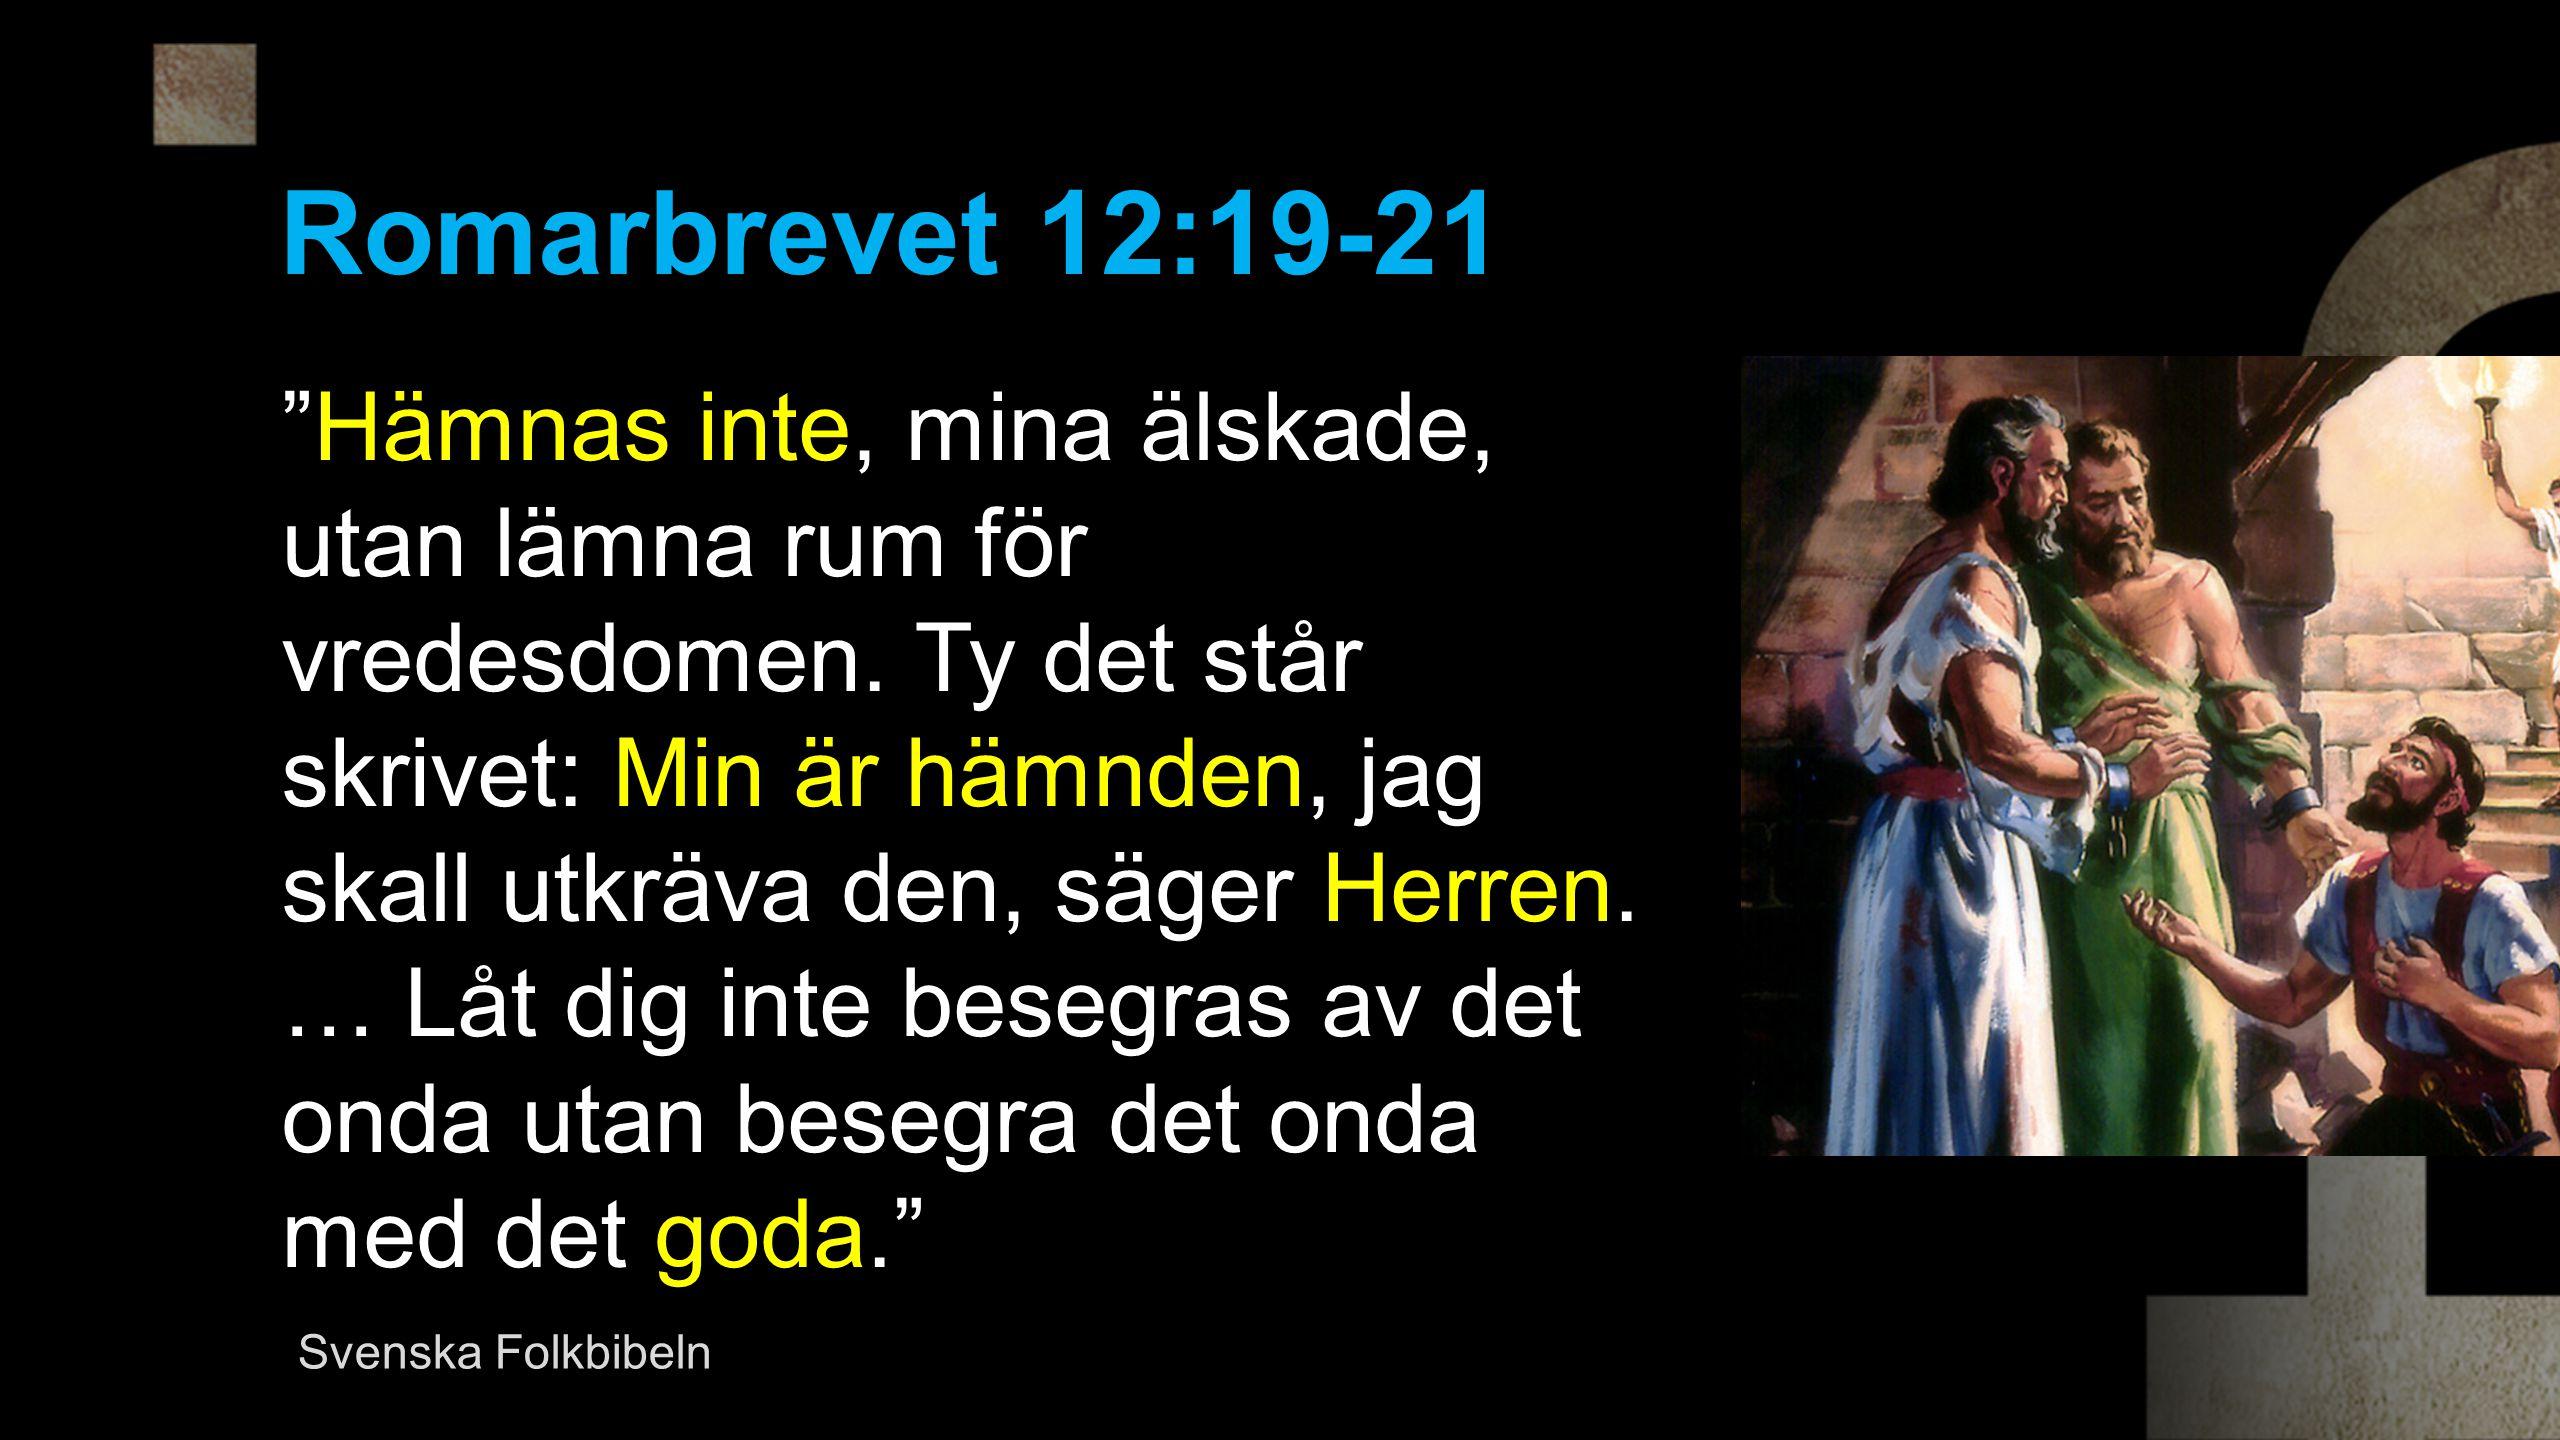 Romarbrevet 12:19-21 Hämnas inte, mina älskade, utan lämna rum för vredesdomen.